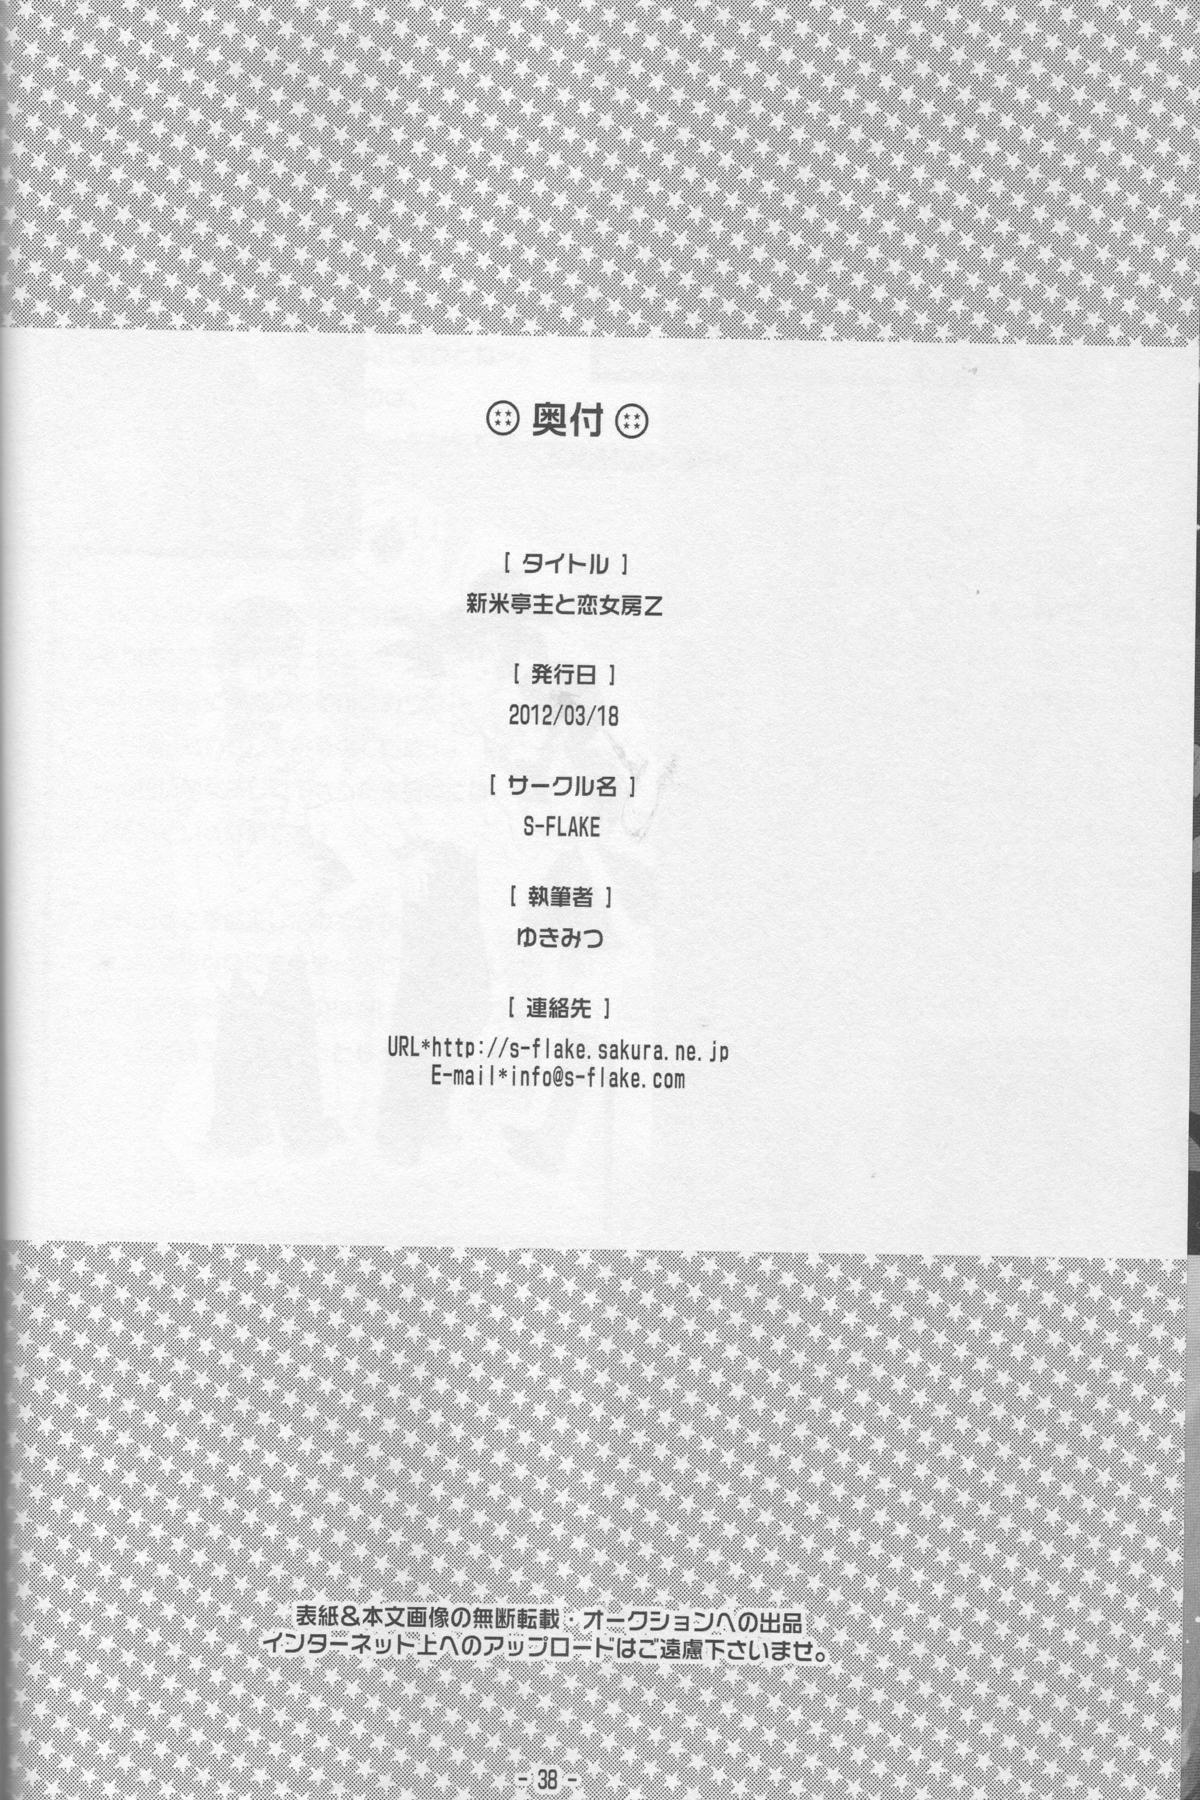 Shinmai Teishu to Koinyobo Z 36